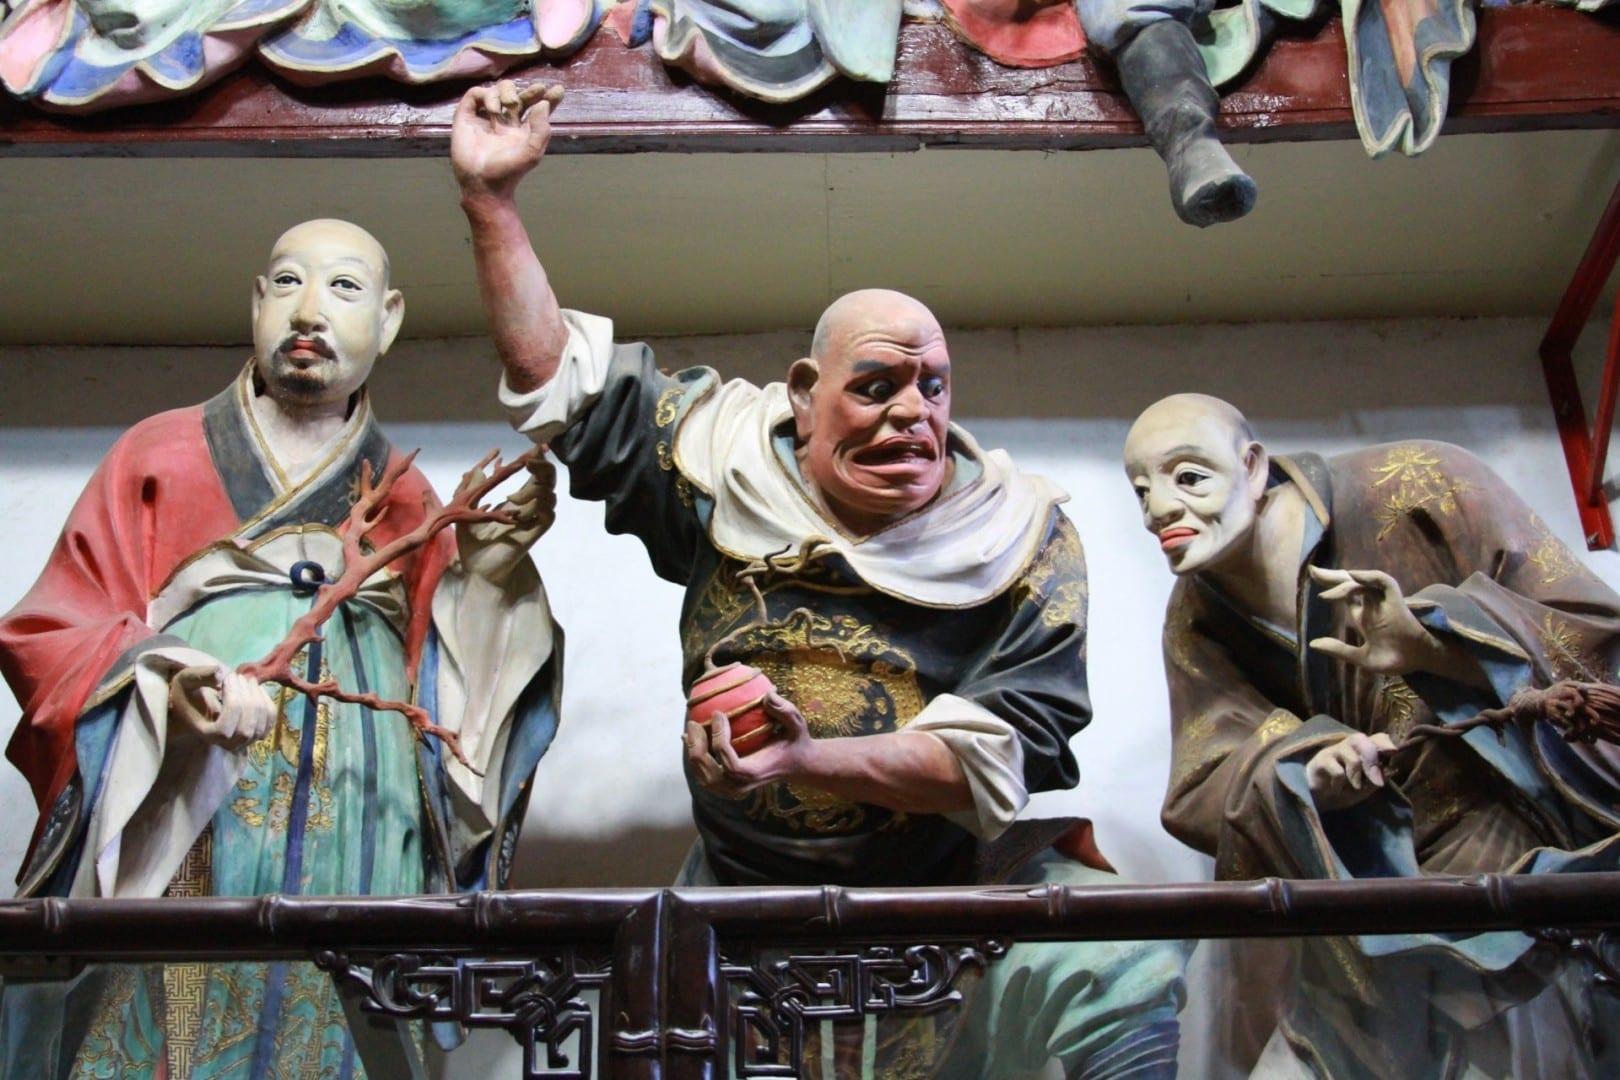 Esculturas de arcilla en el Templo Qiongzhu Kunming China